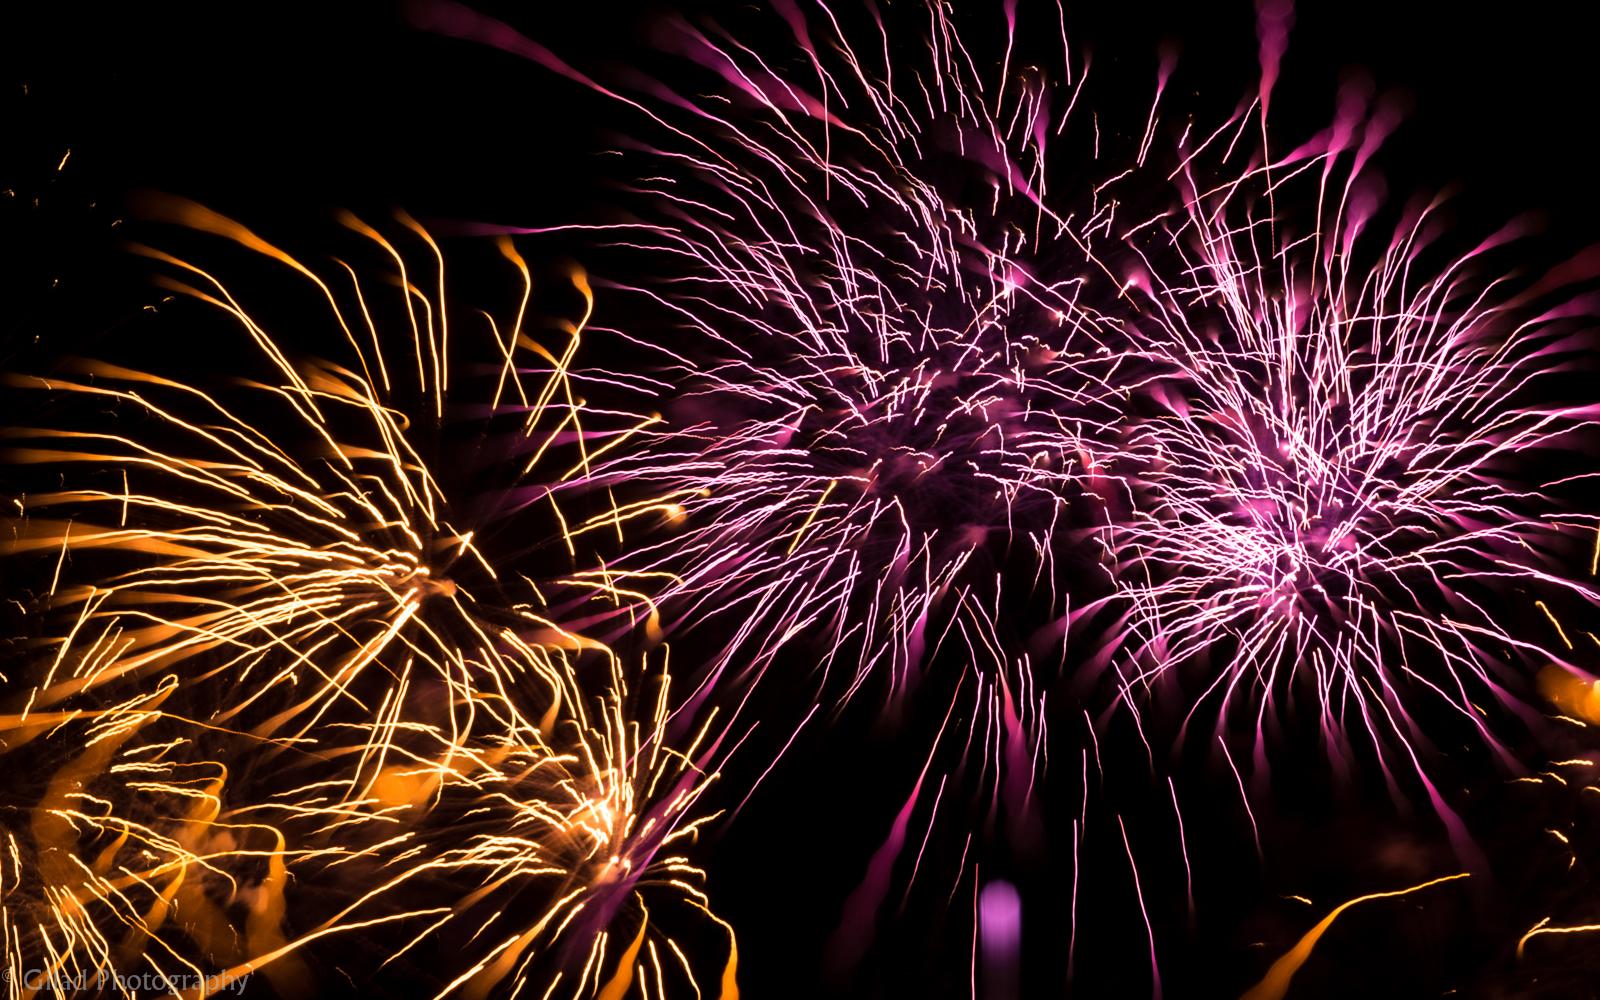 Fireworks in Ramsey NJ